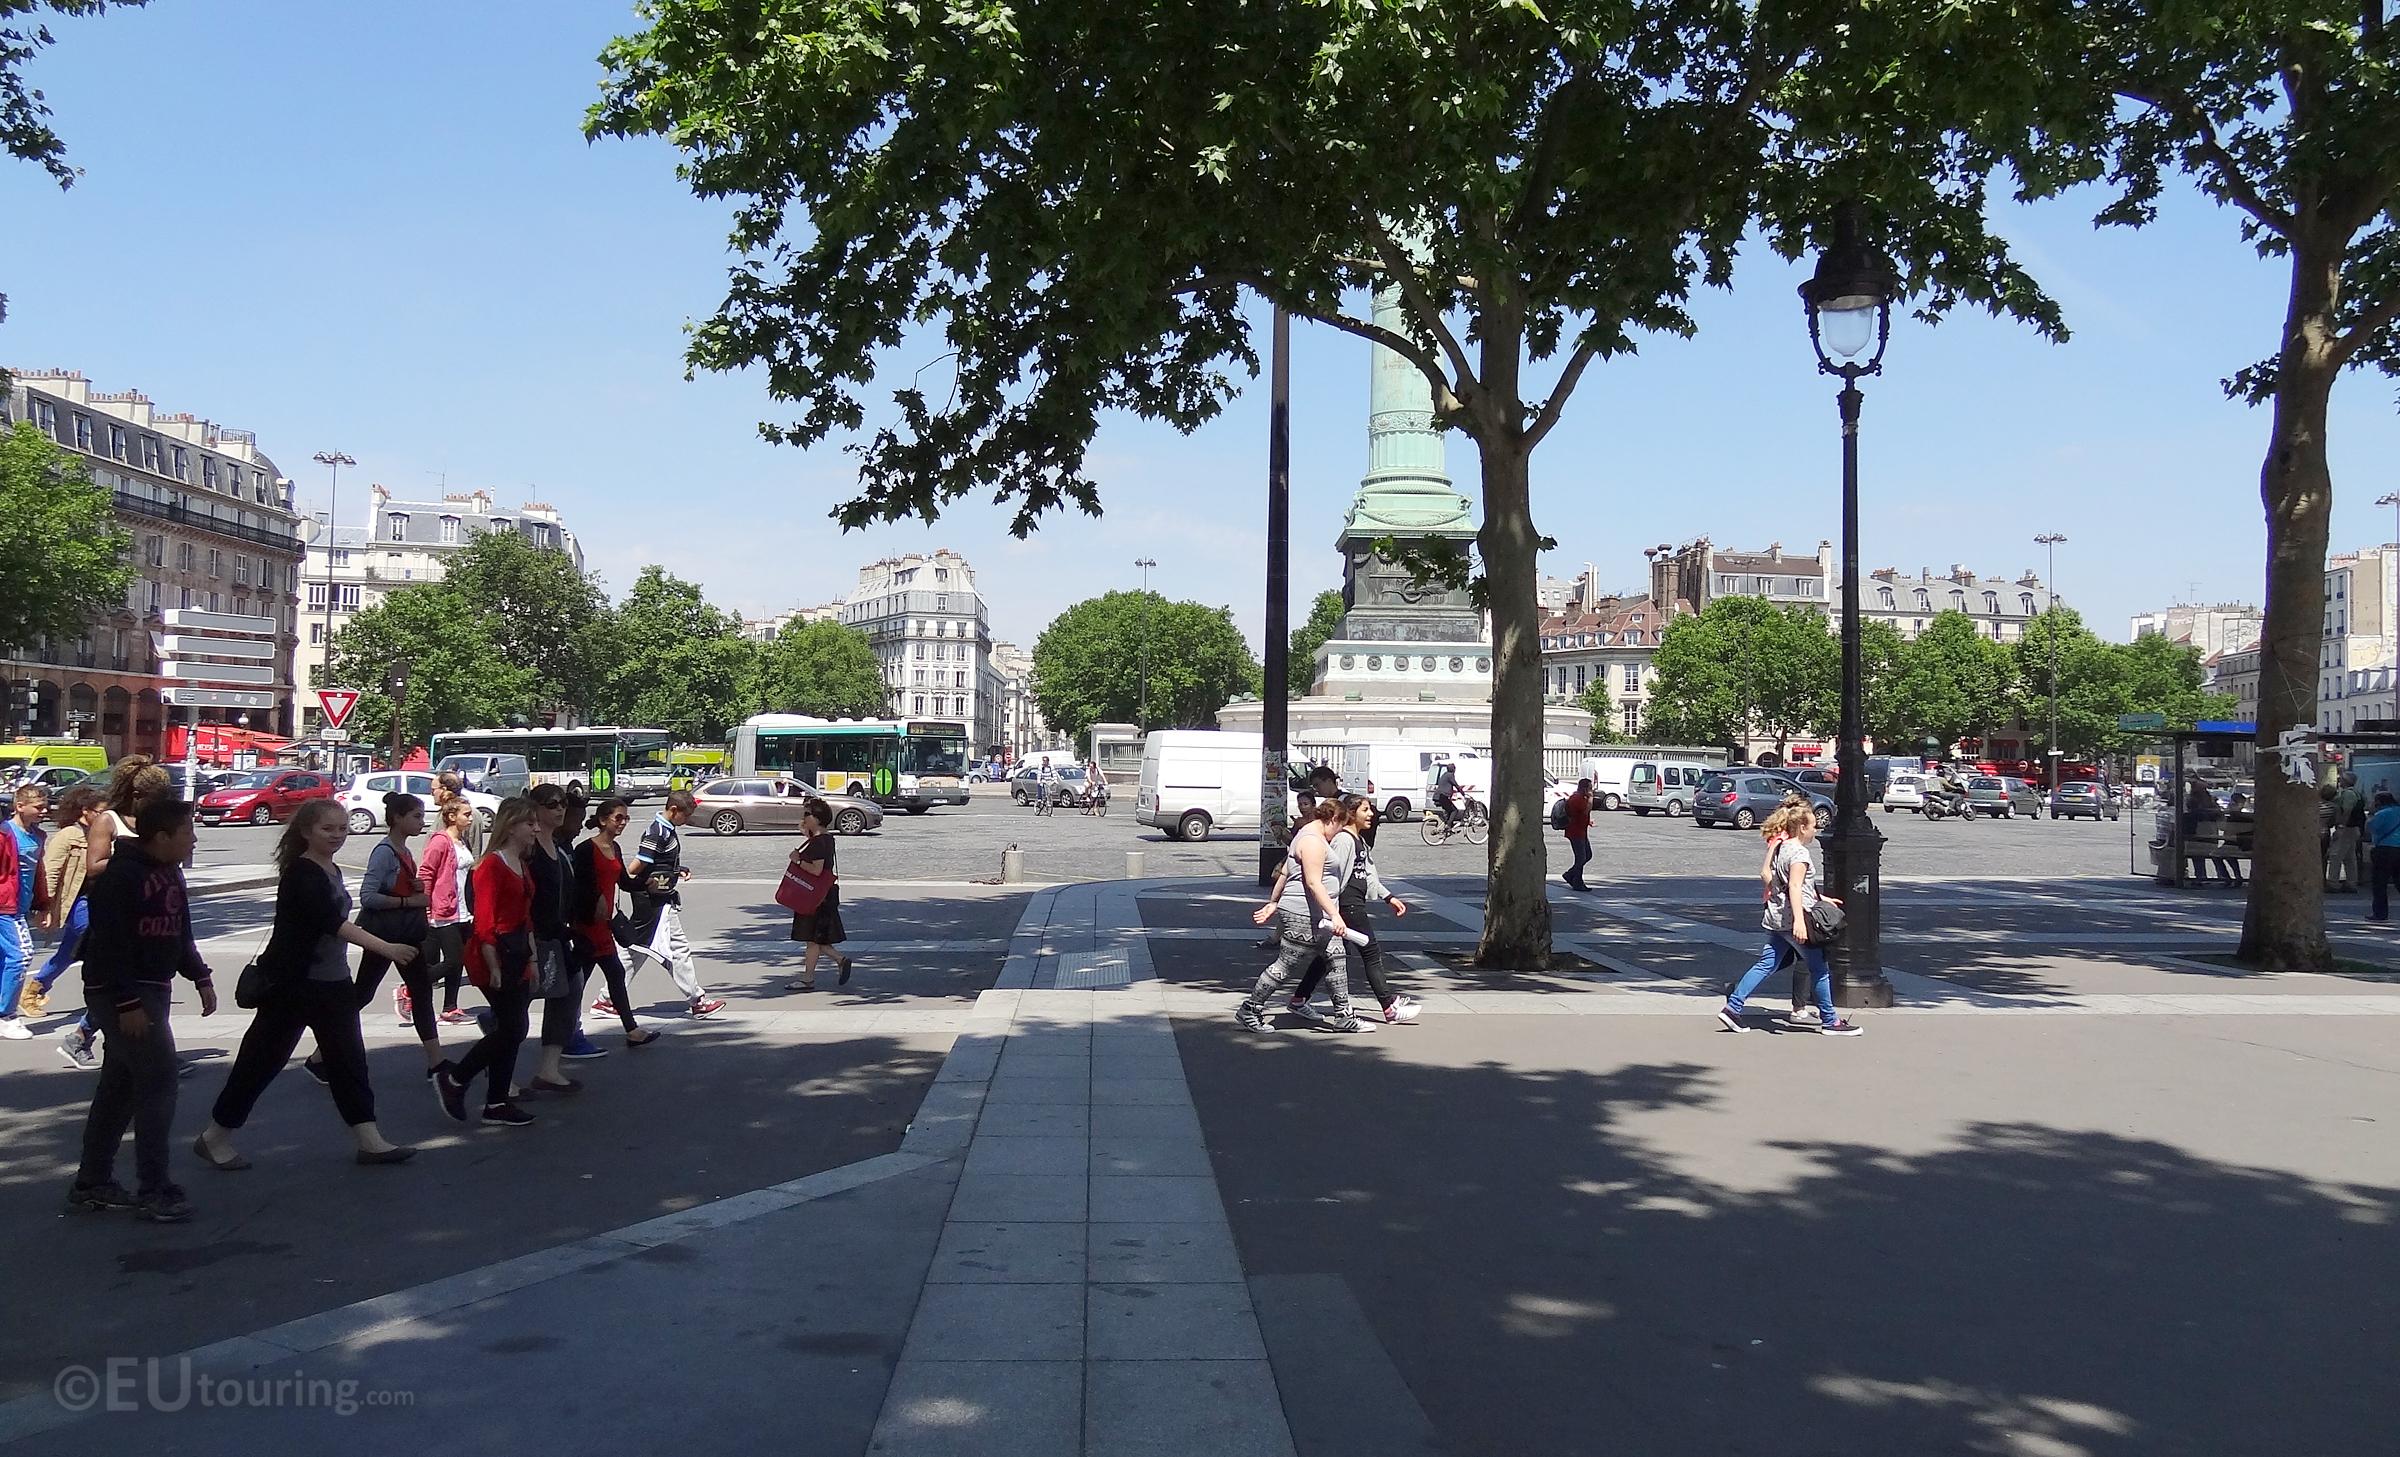 Place de la Bastille square.